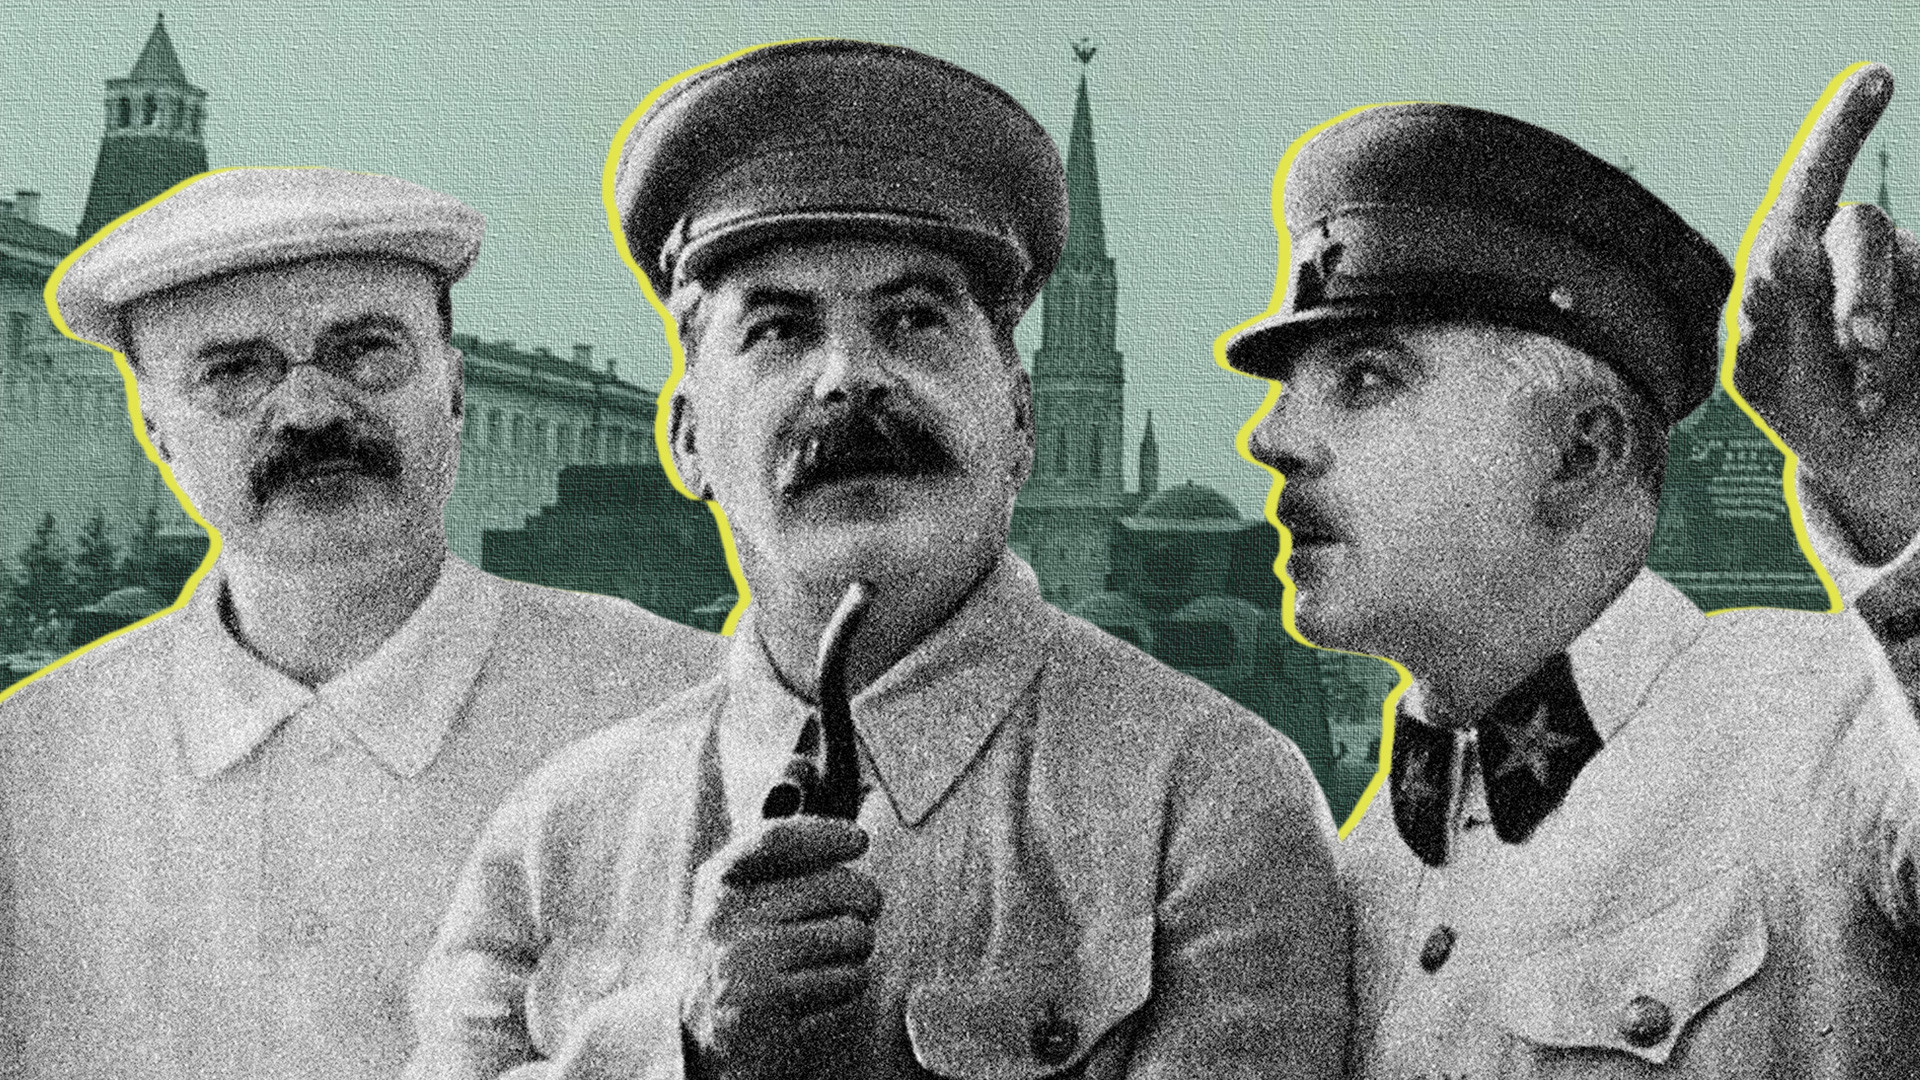 Вячеслав Молотов, Иосиф Сталин и Климент Ворошилов в 1937 году